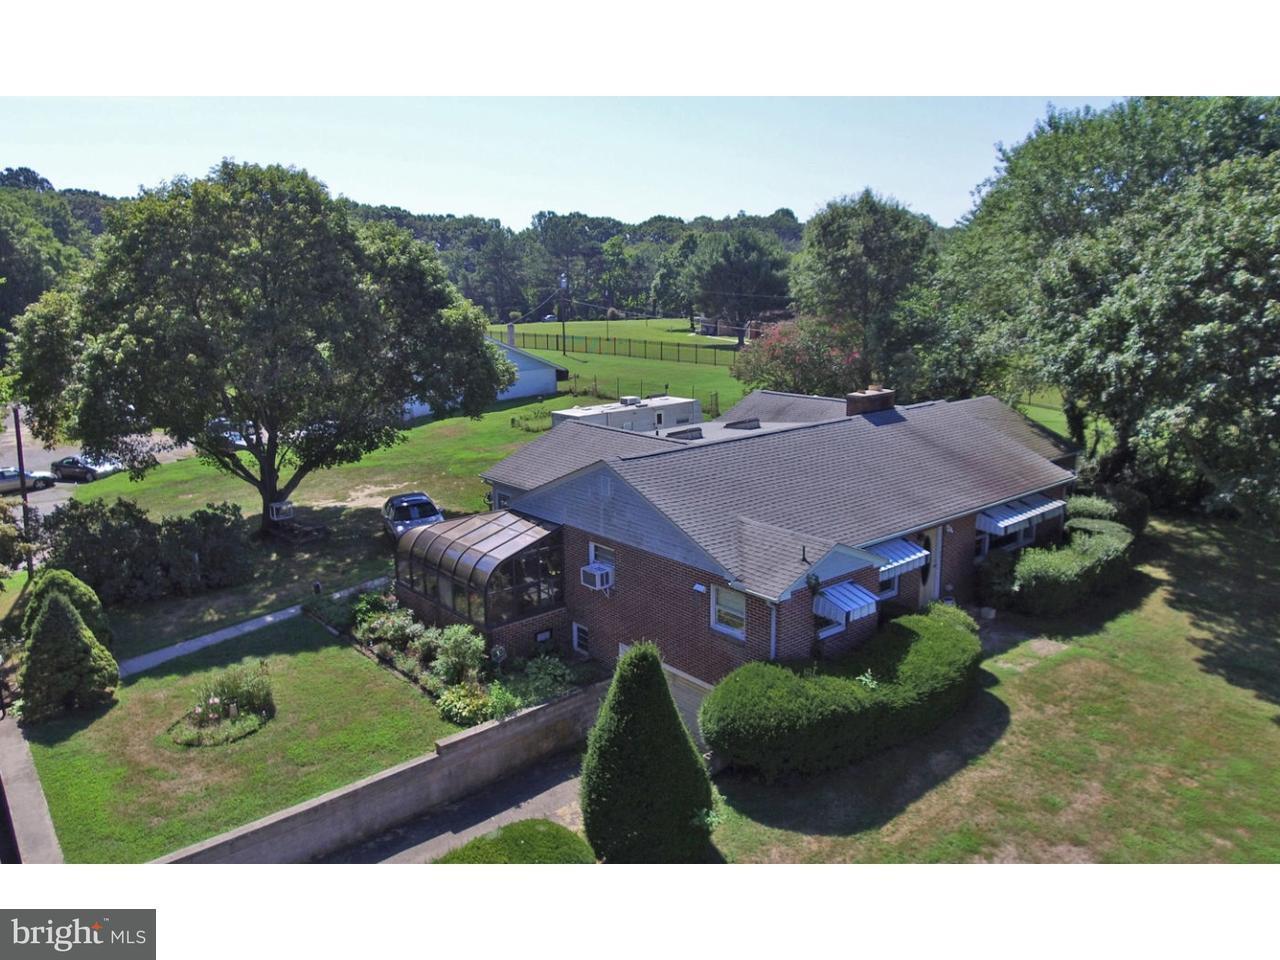 Einfamilienhaus für Verkauf beim 4869 S DUPONT HWY Dover, Delaware 19901 Vereinigte Staaten